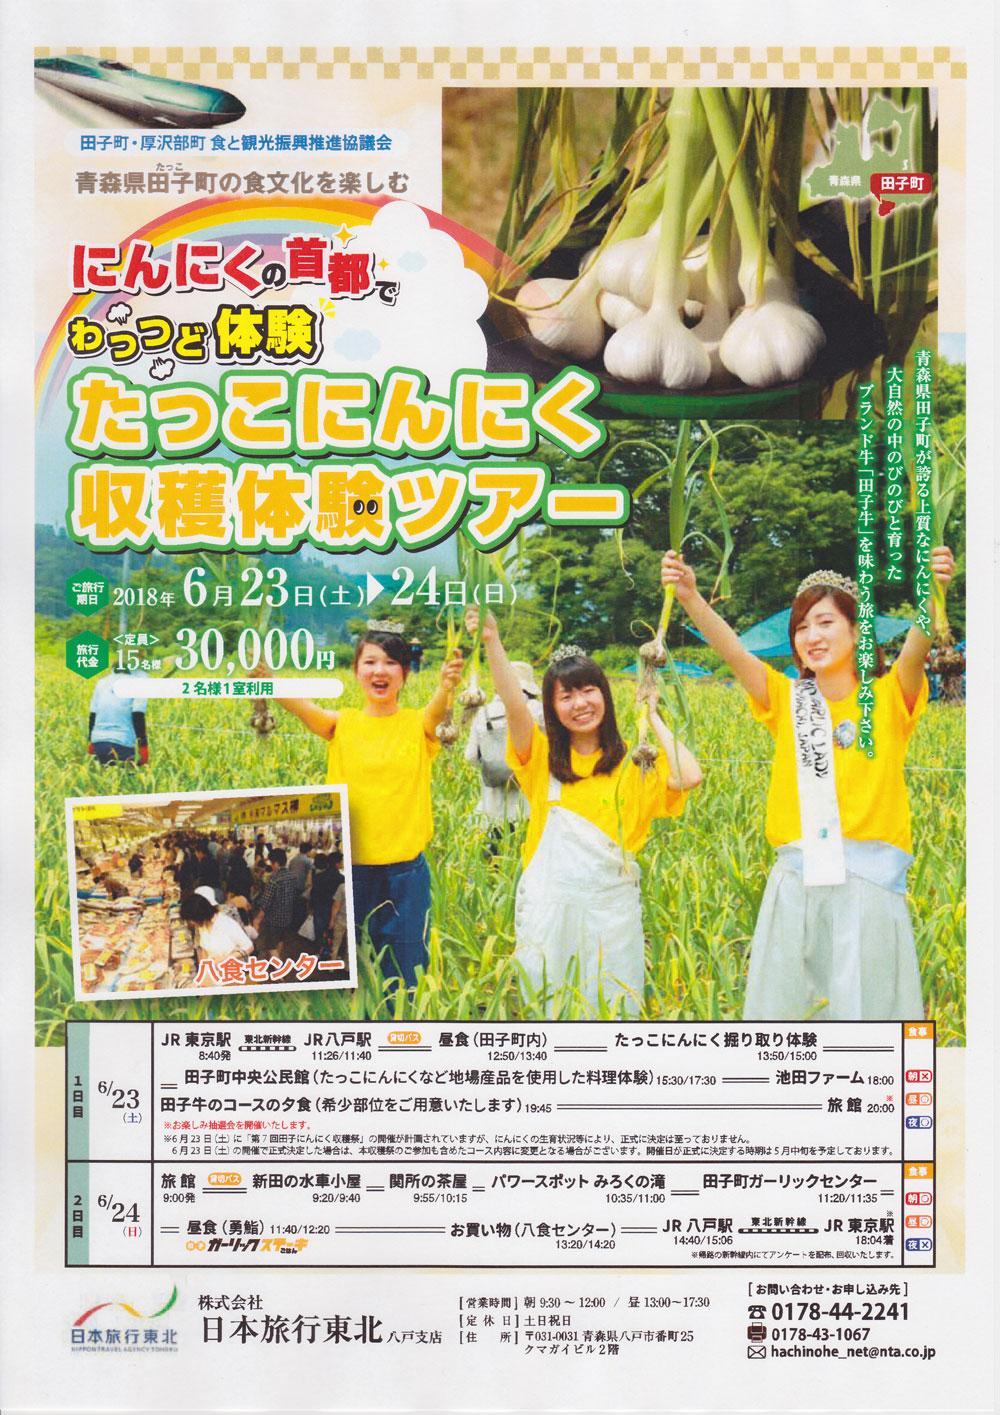 田子にんにく収穫体験ツアー2018 チラシ オモテ